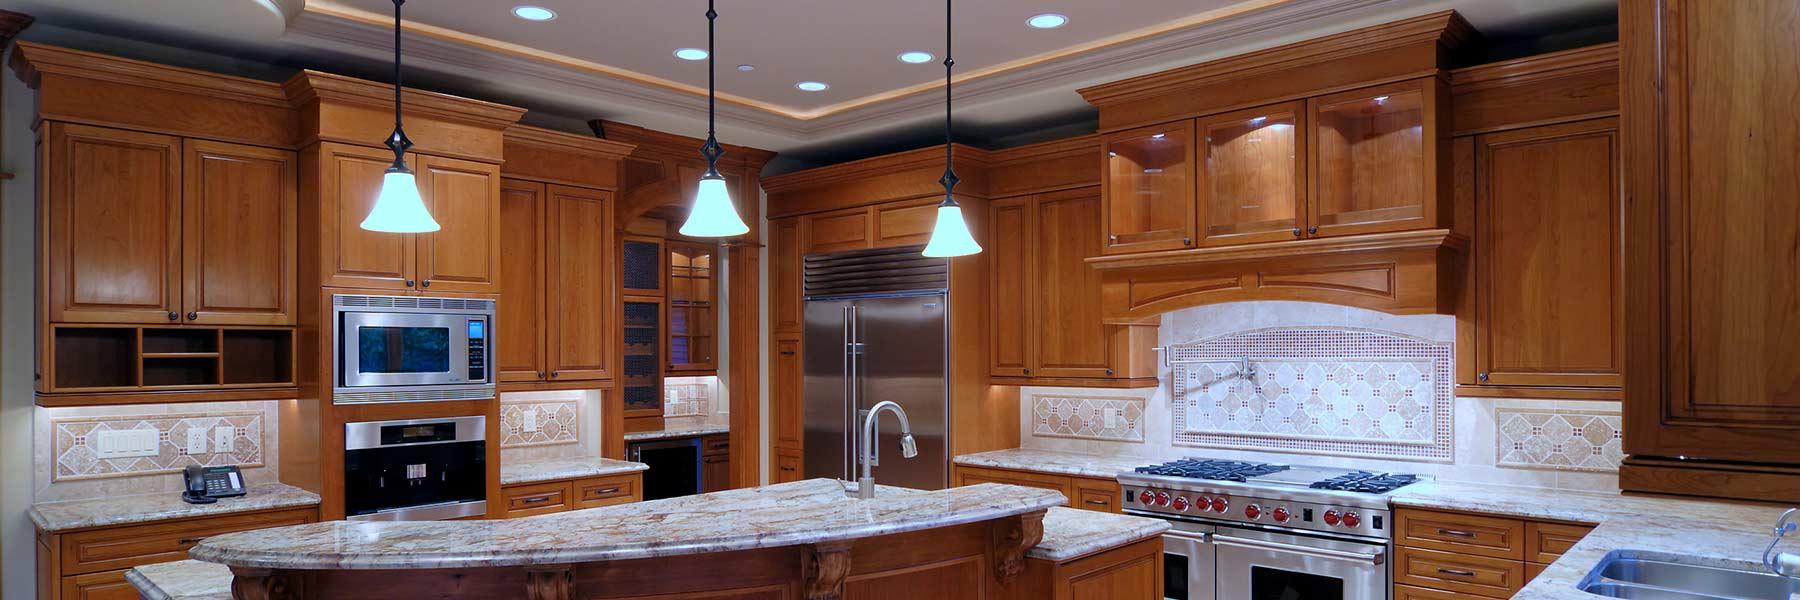 San Jose Kitchen Renovation